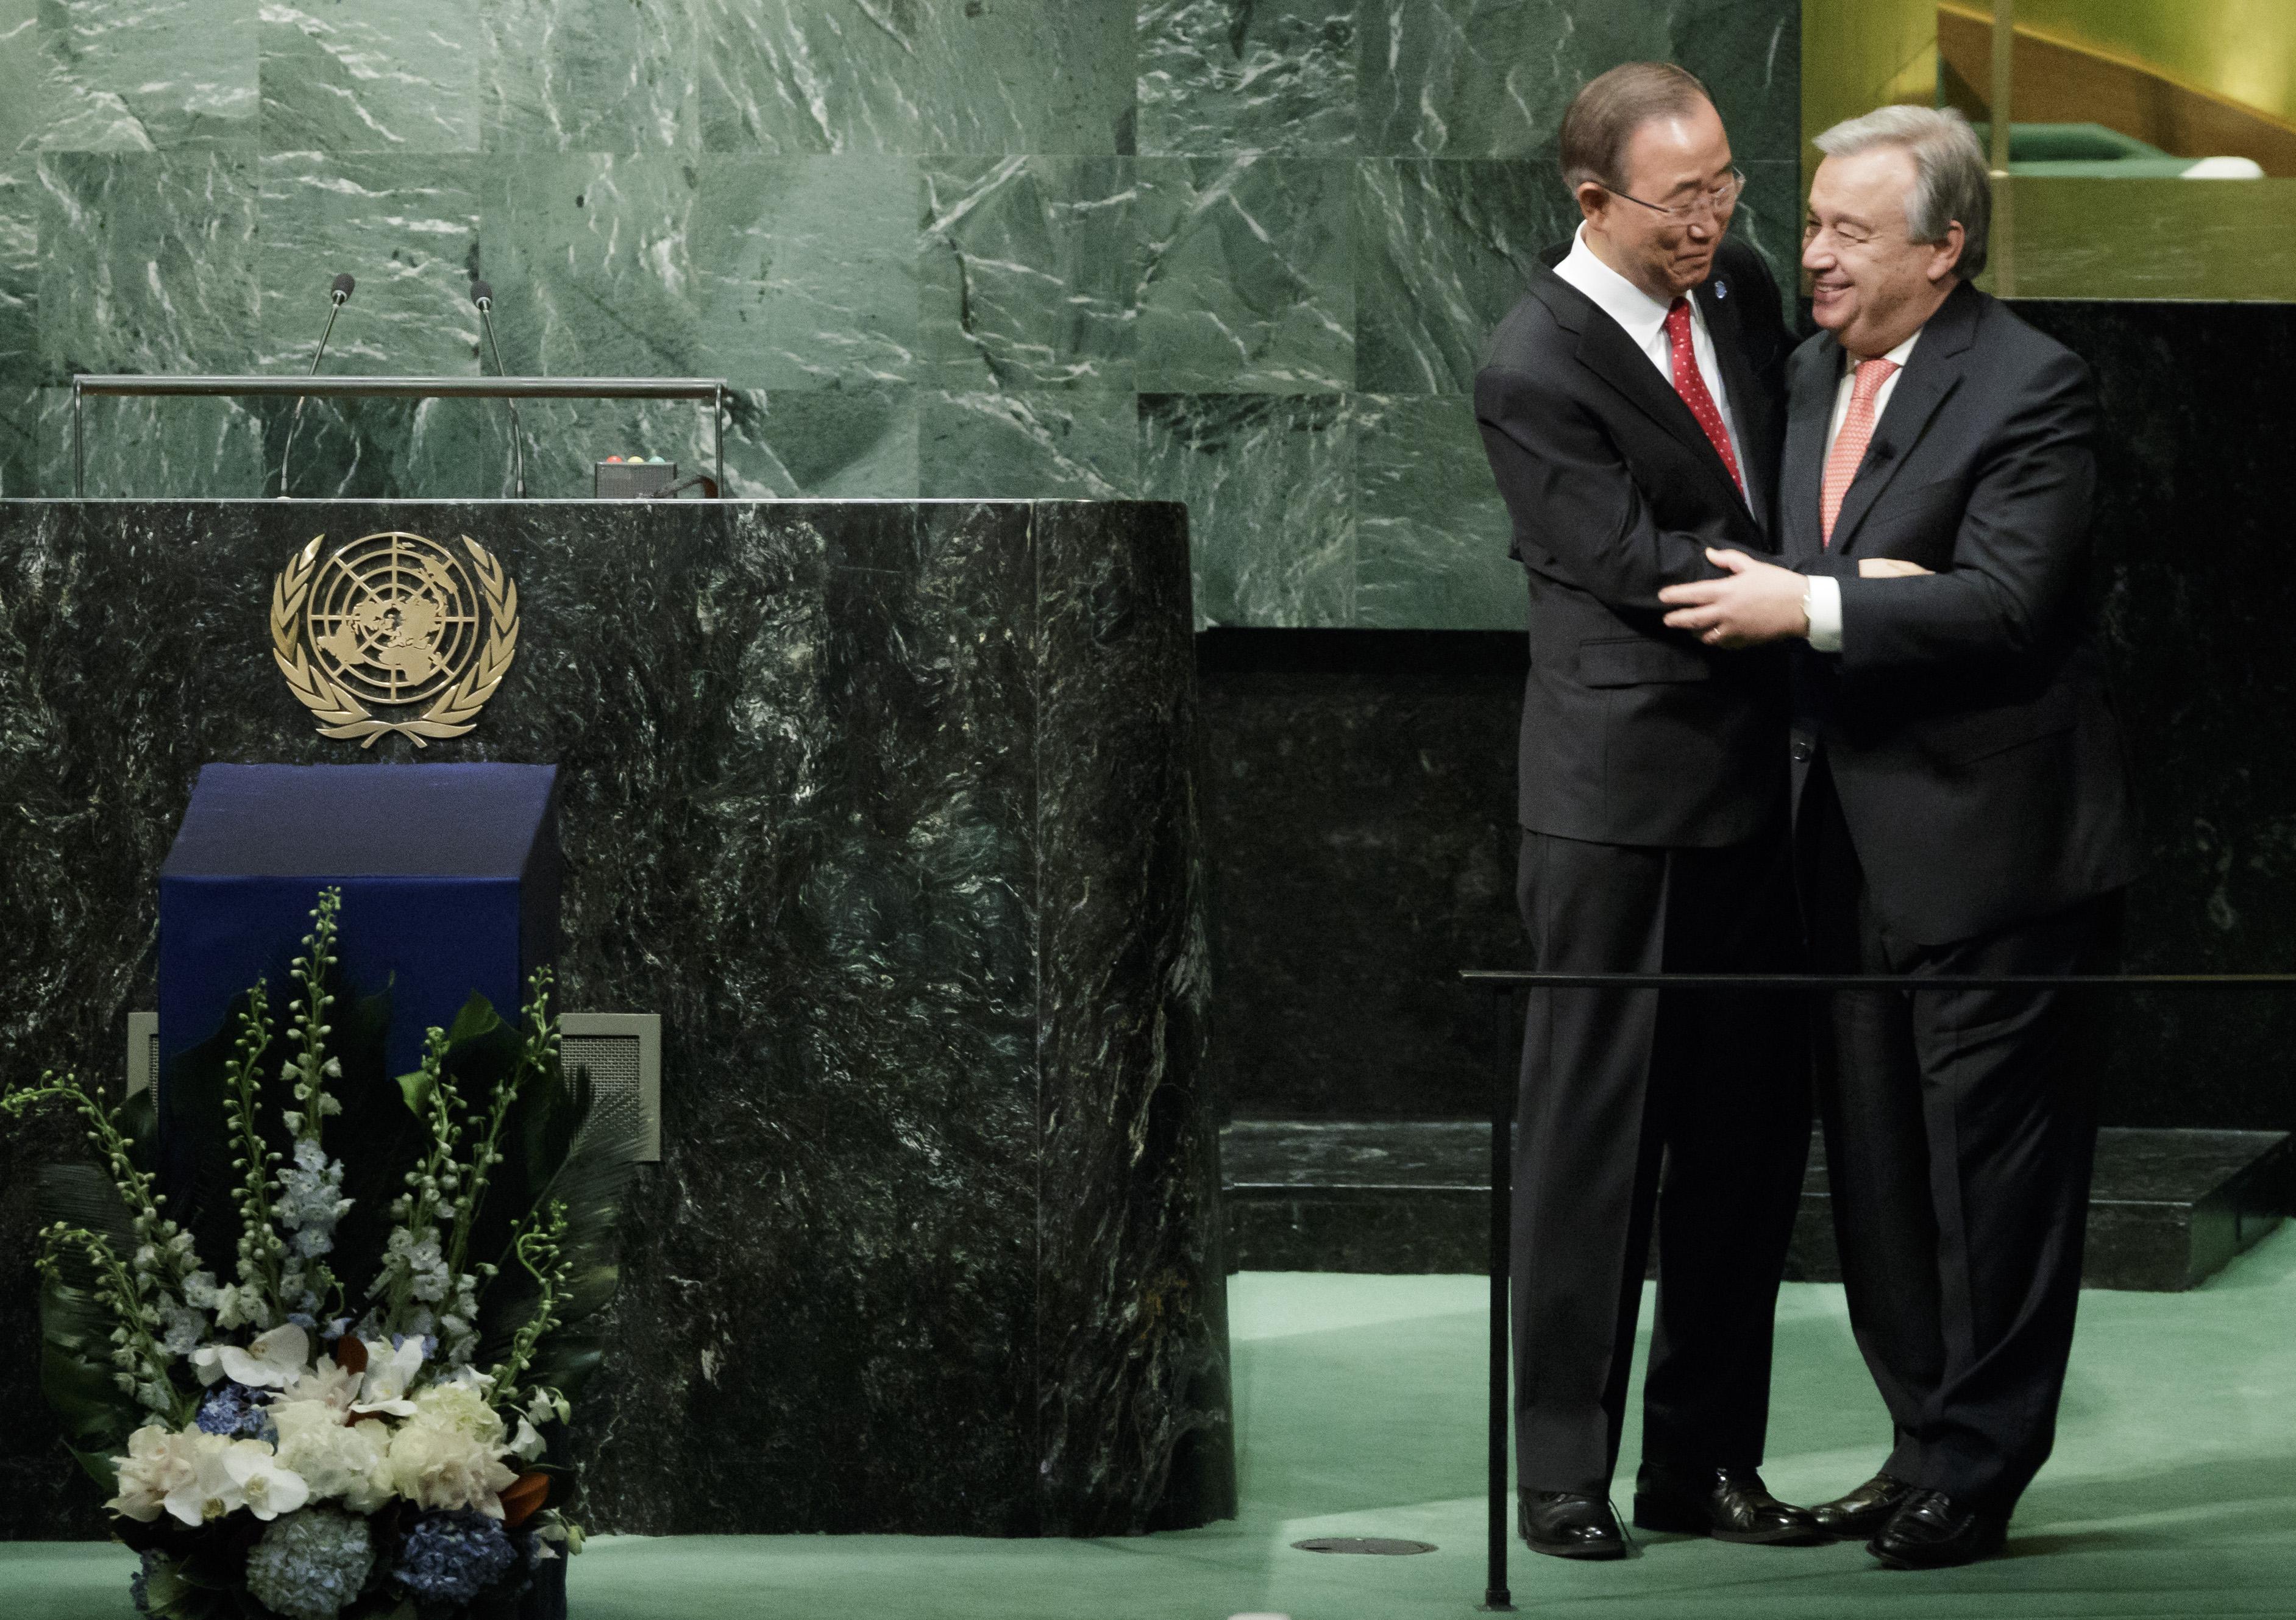 Бывший генсек ООН Пан Ги Мун и Антониу Гутерреш. Фото: EPA